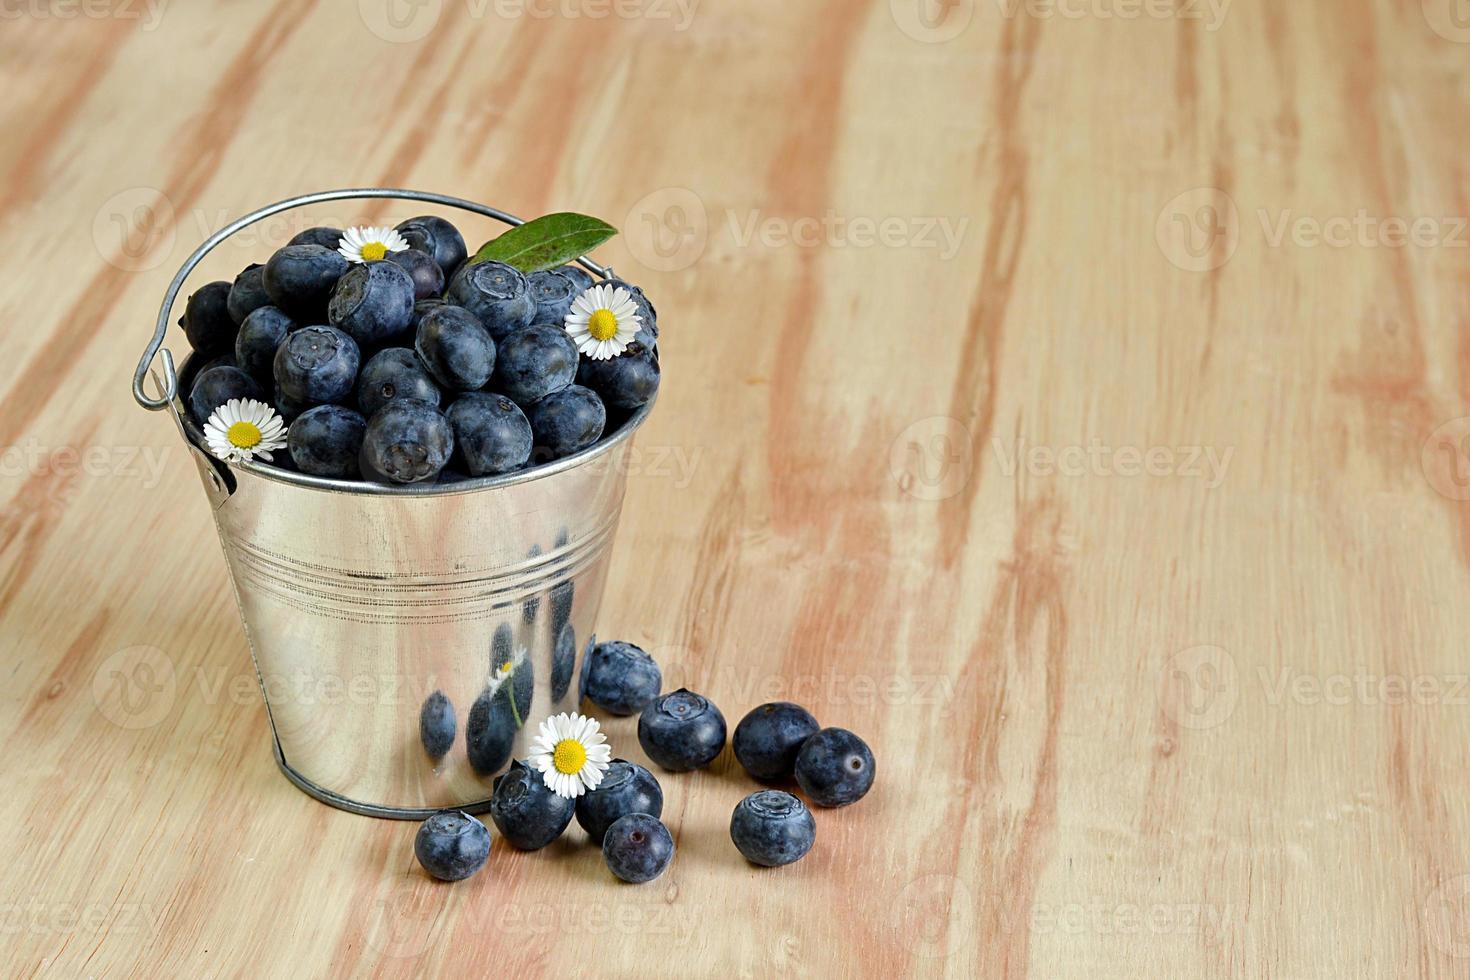 mirtilos em um balde com margarida flores foto